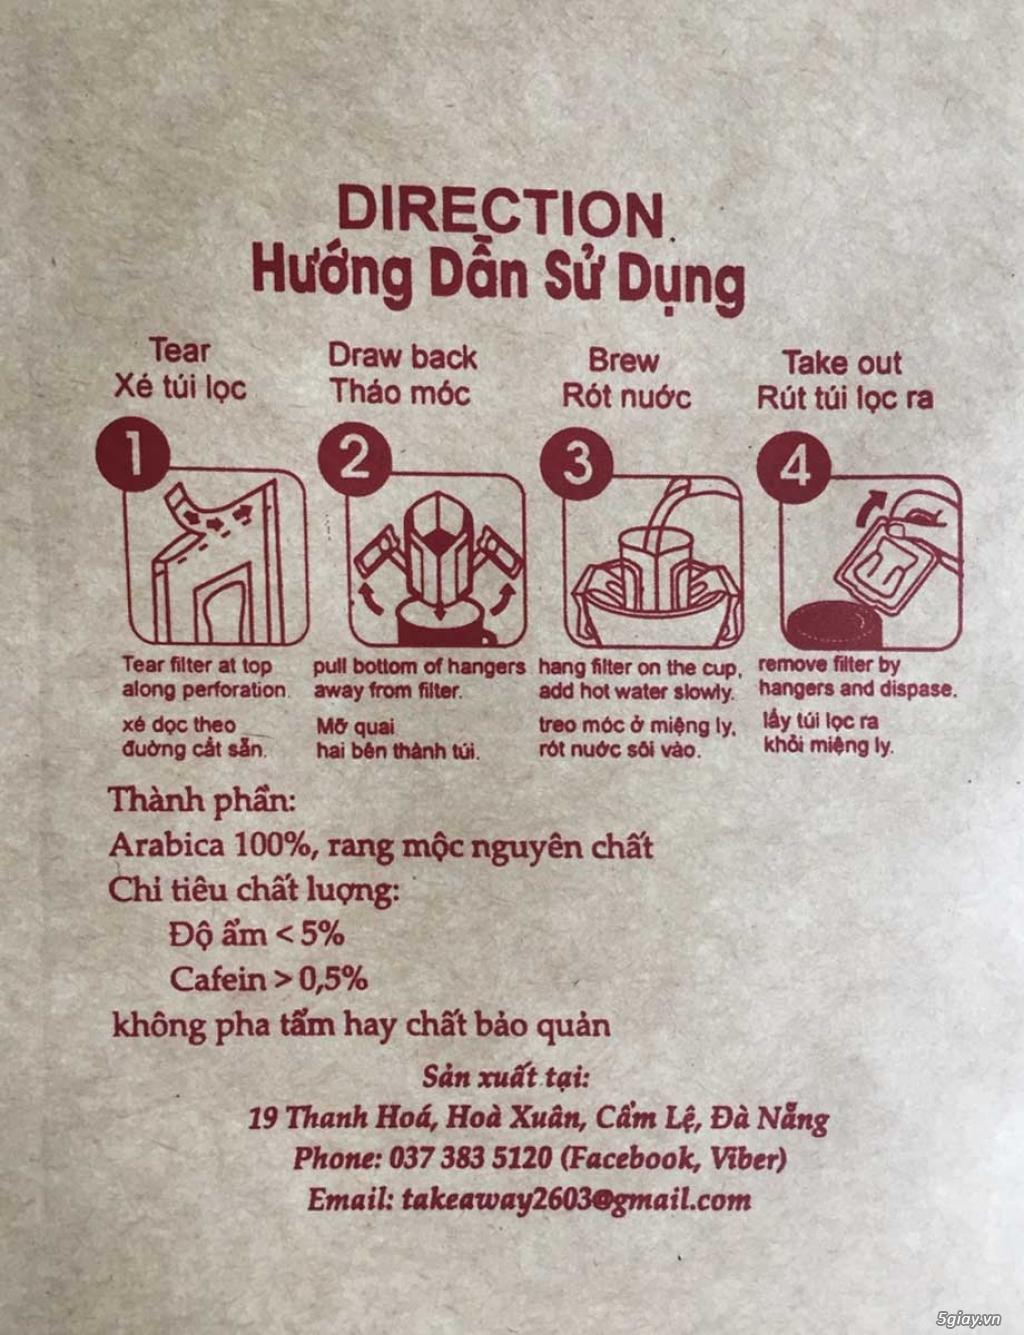 Cà Phê Túi Lọc Di Động - Drip coffee Filter -Drip Coffee - 26